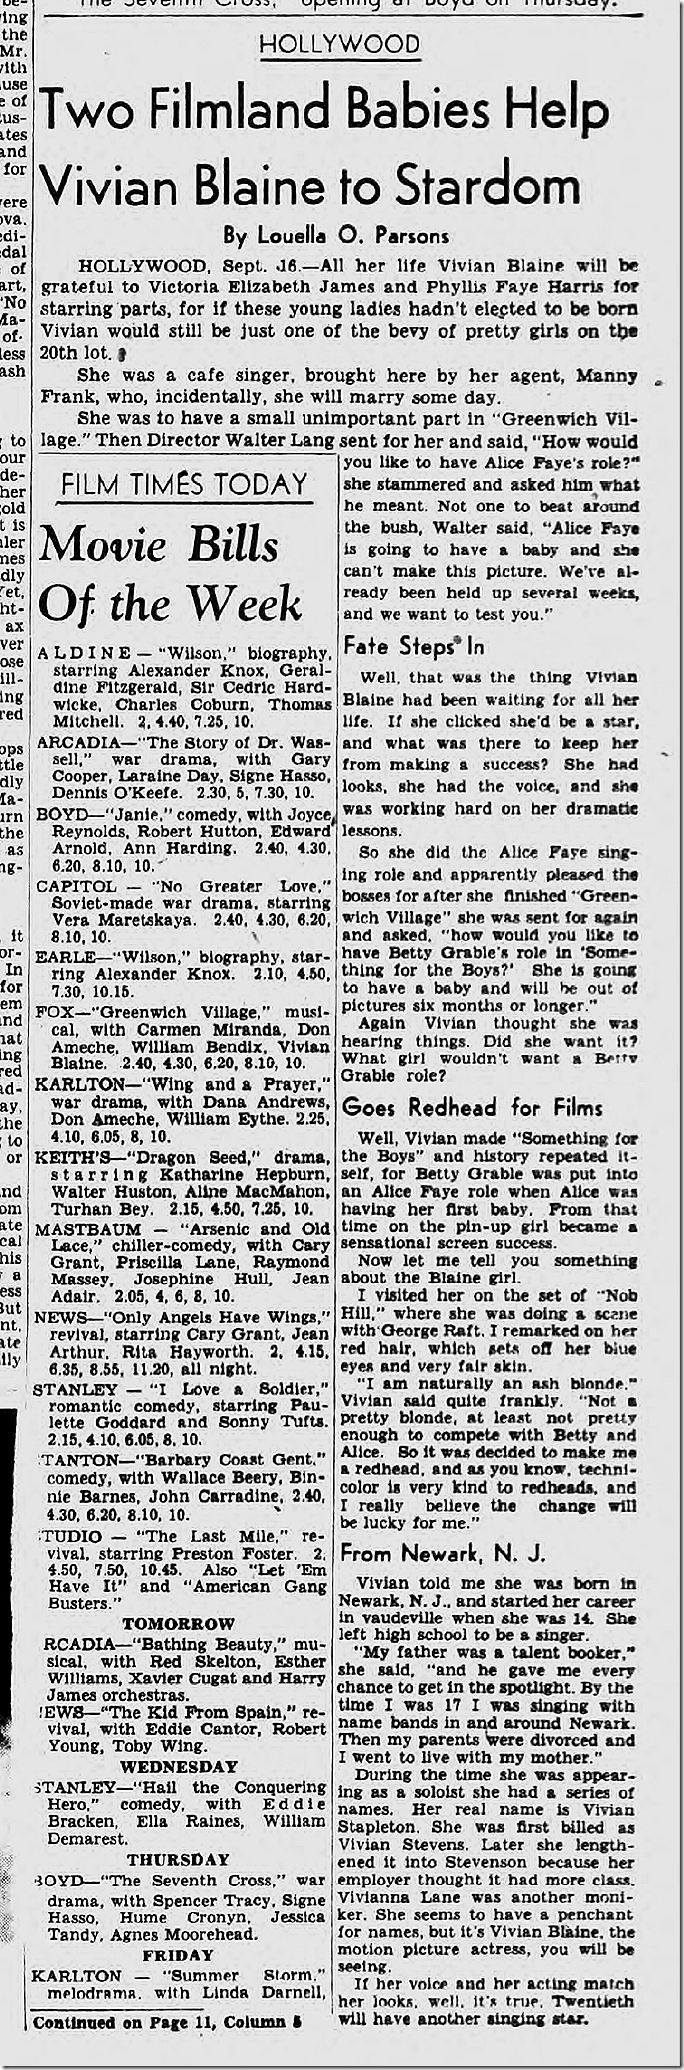 Sept. 17, 1944, Louella Parsons